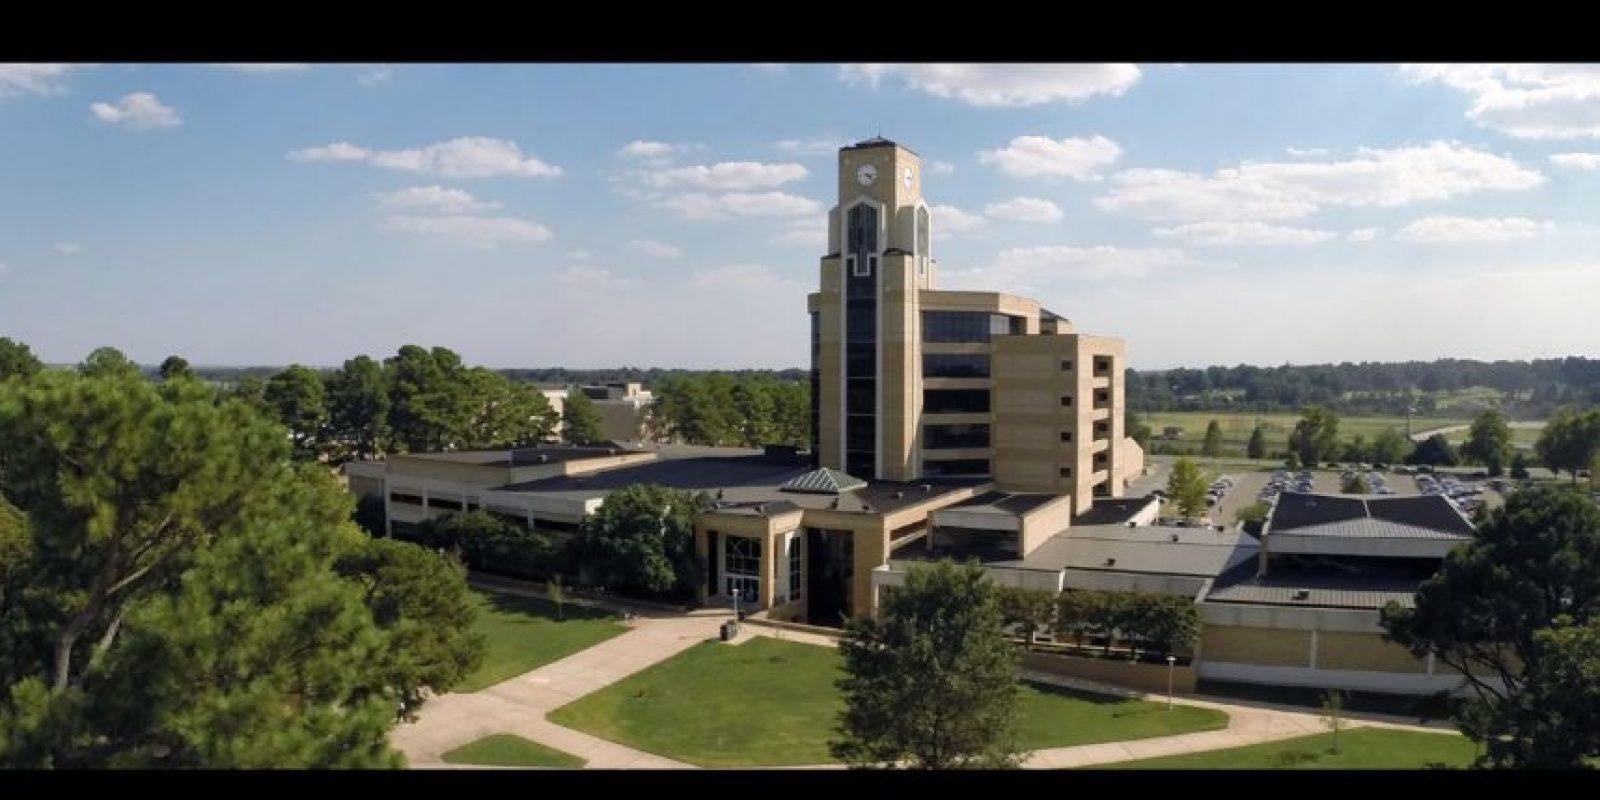 La Universidad fue bloqueada y sus actividades supendidas. Foto:Vía facebook.com/ArkansasState